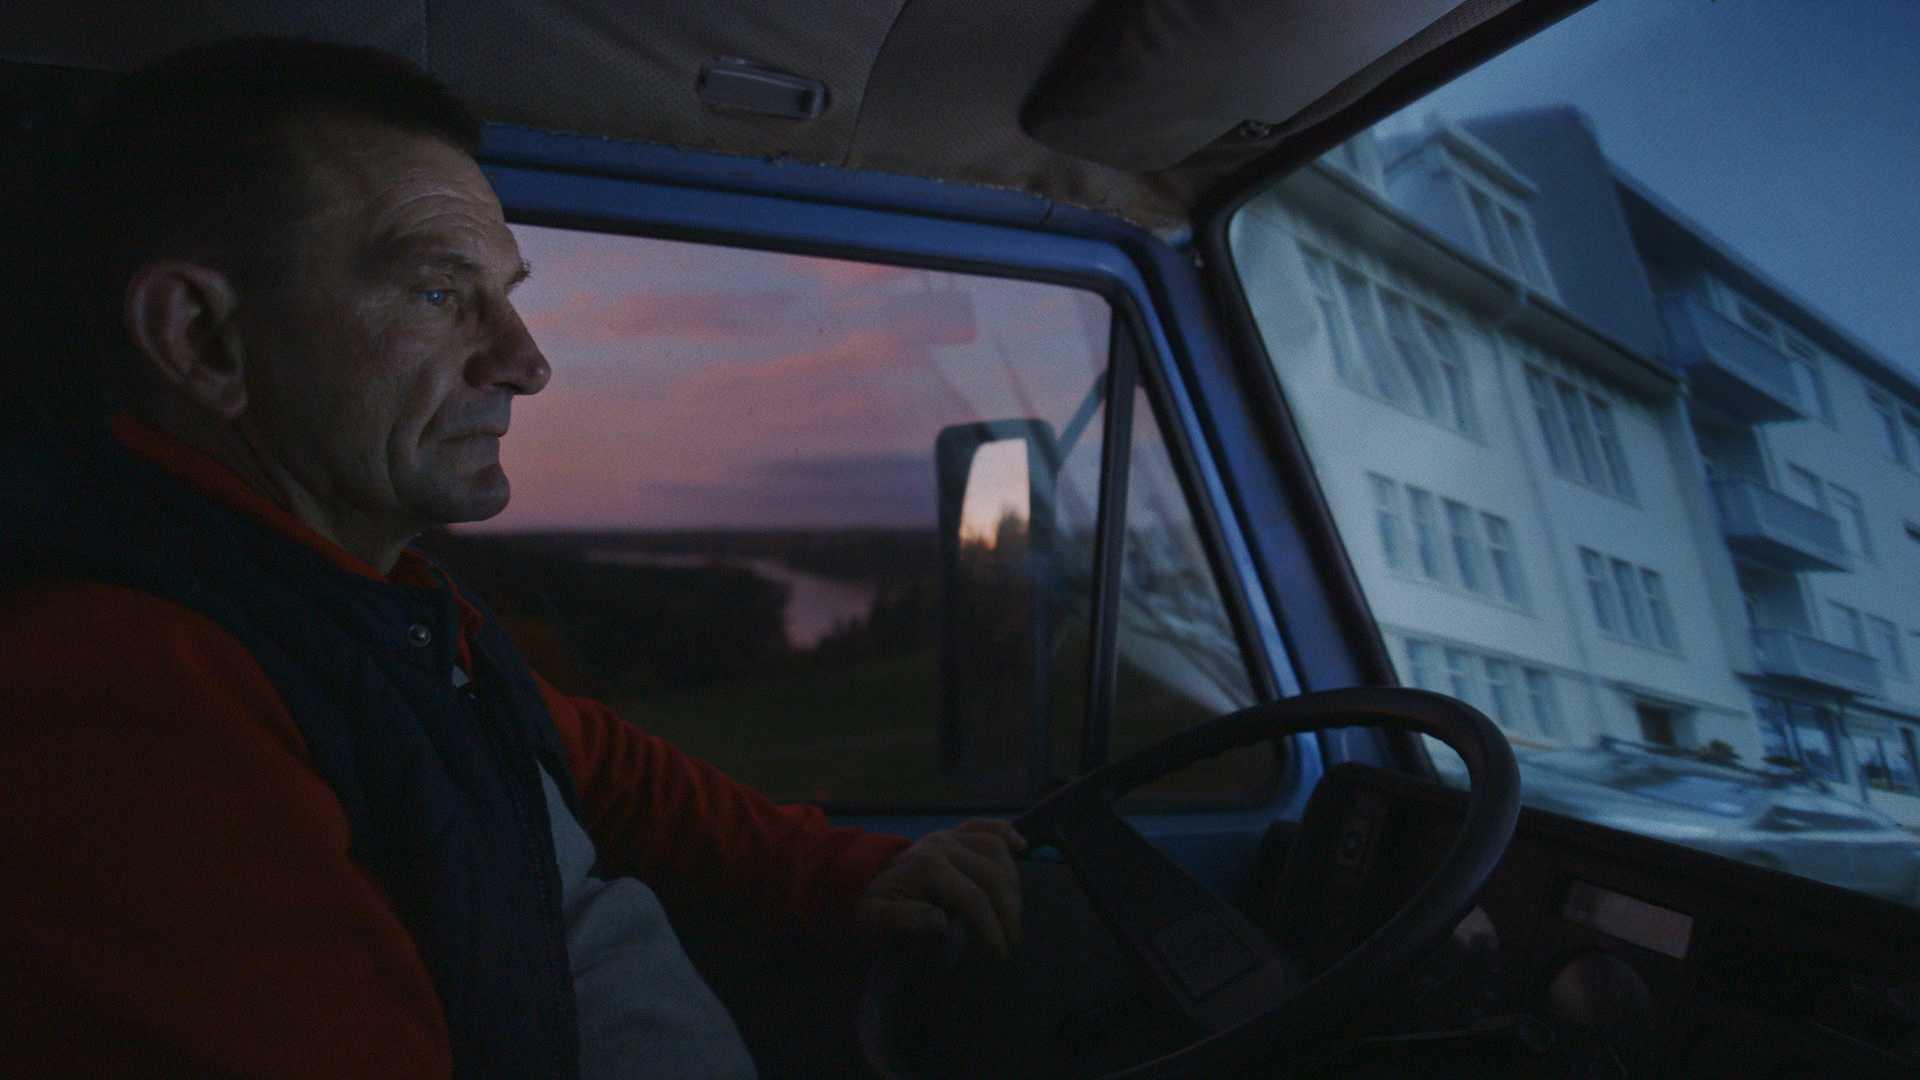 In Touch (2018) mengajak penonton memaknai relasi keintiman antara manusia dan teknologi.